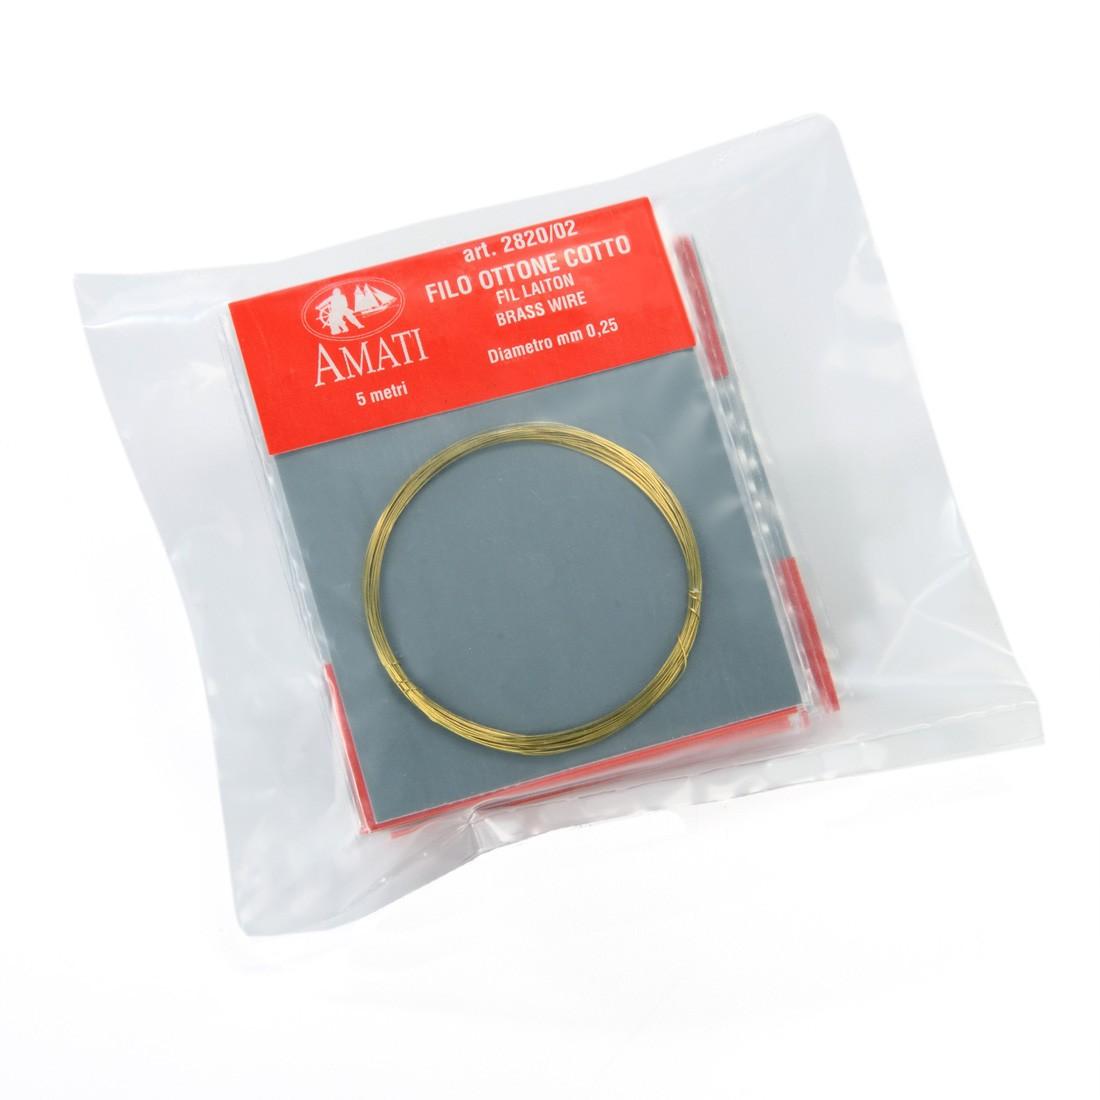 Brass wire mm.0,25